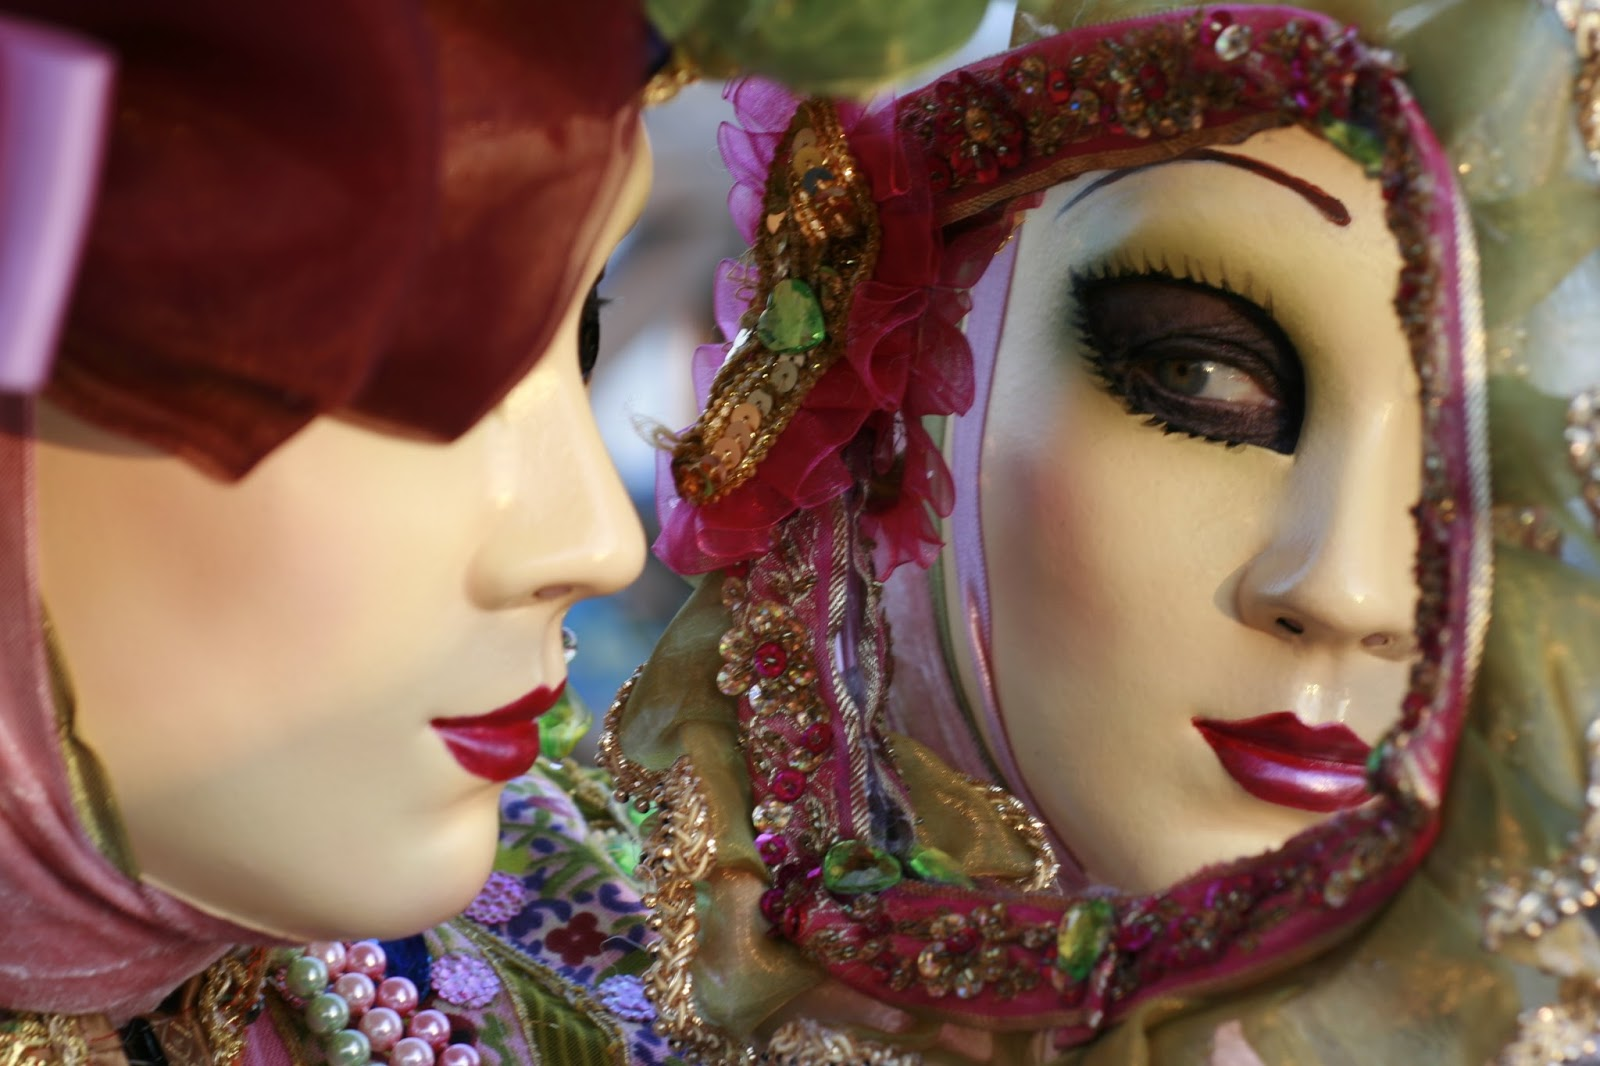 Realt o fantasia legge dello specchio - La legge dello specchio ...